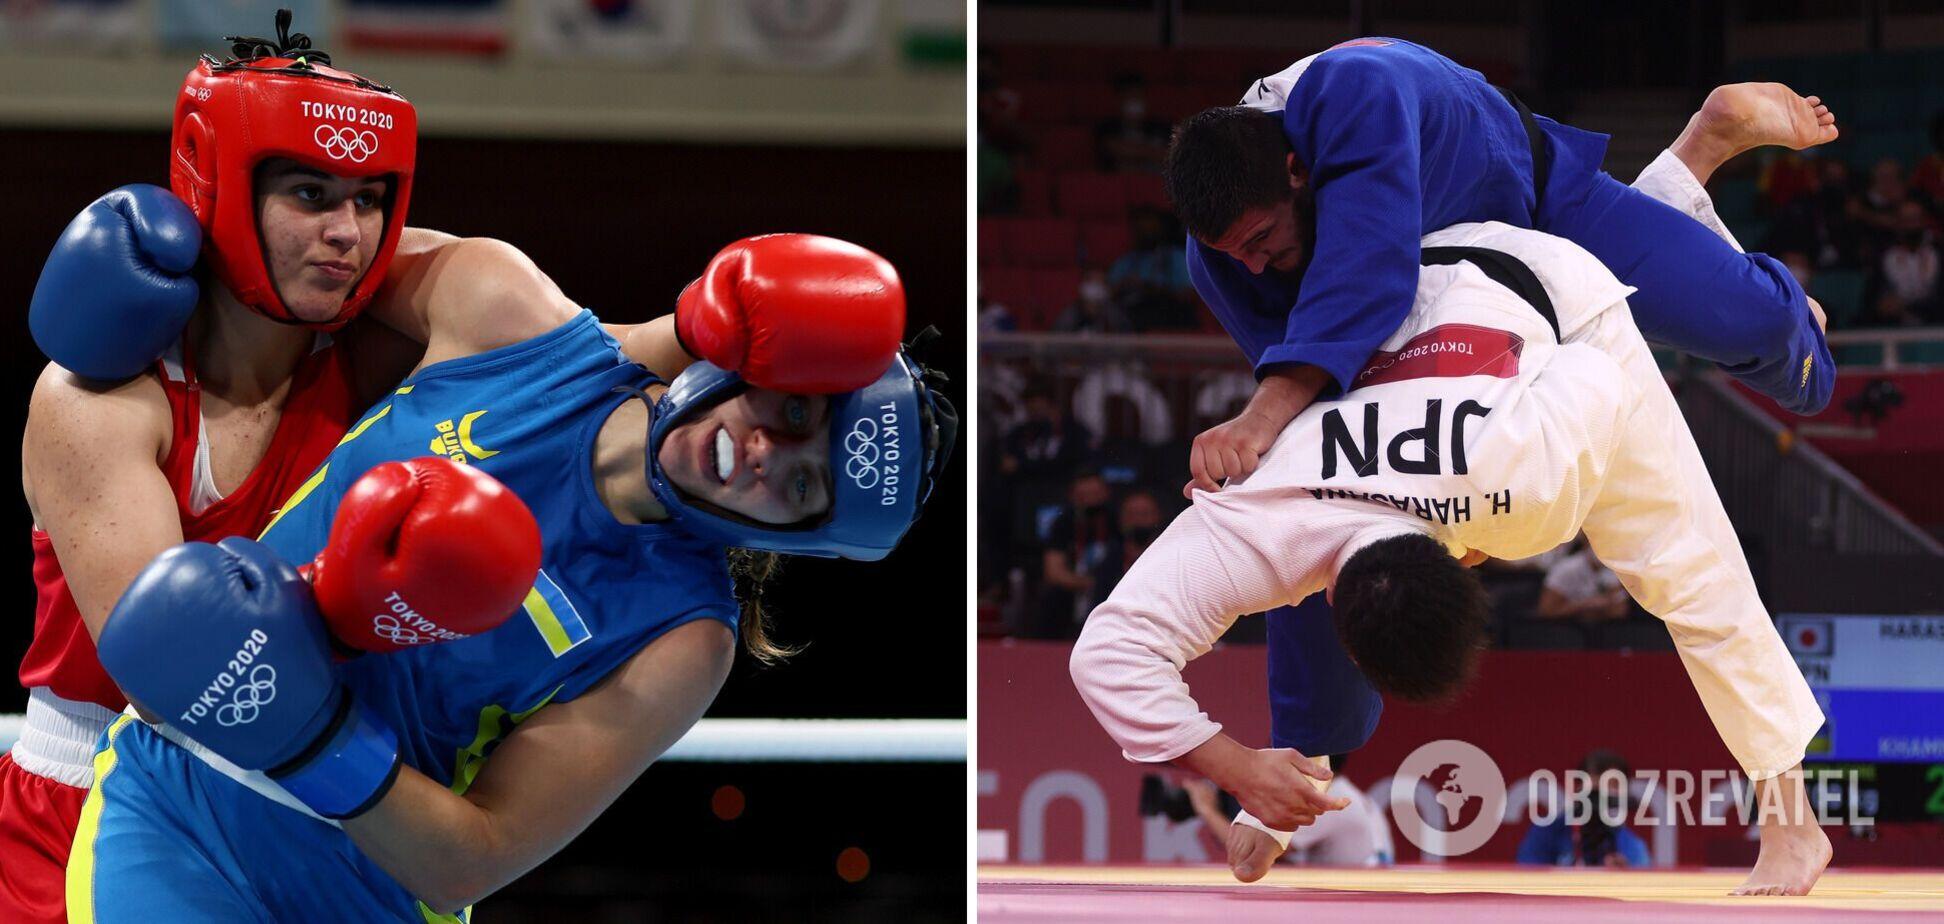 Анна Лысенко проиграла чемпионке мира, а Яков Хаммо борется за 'бронзу'